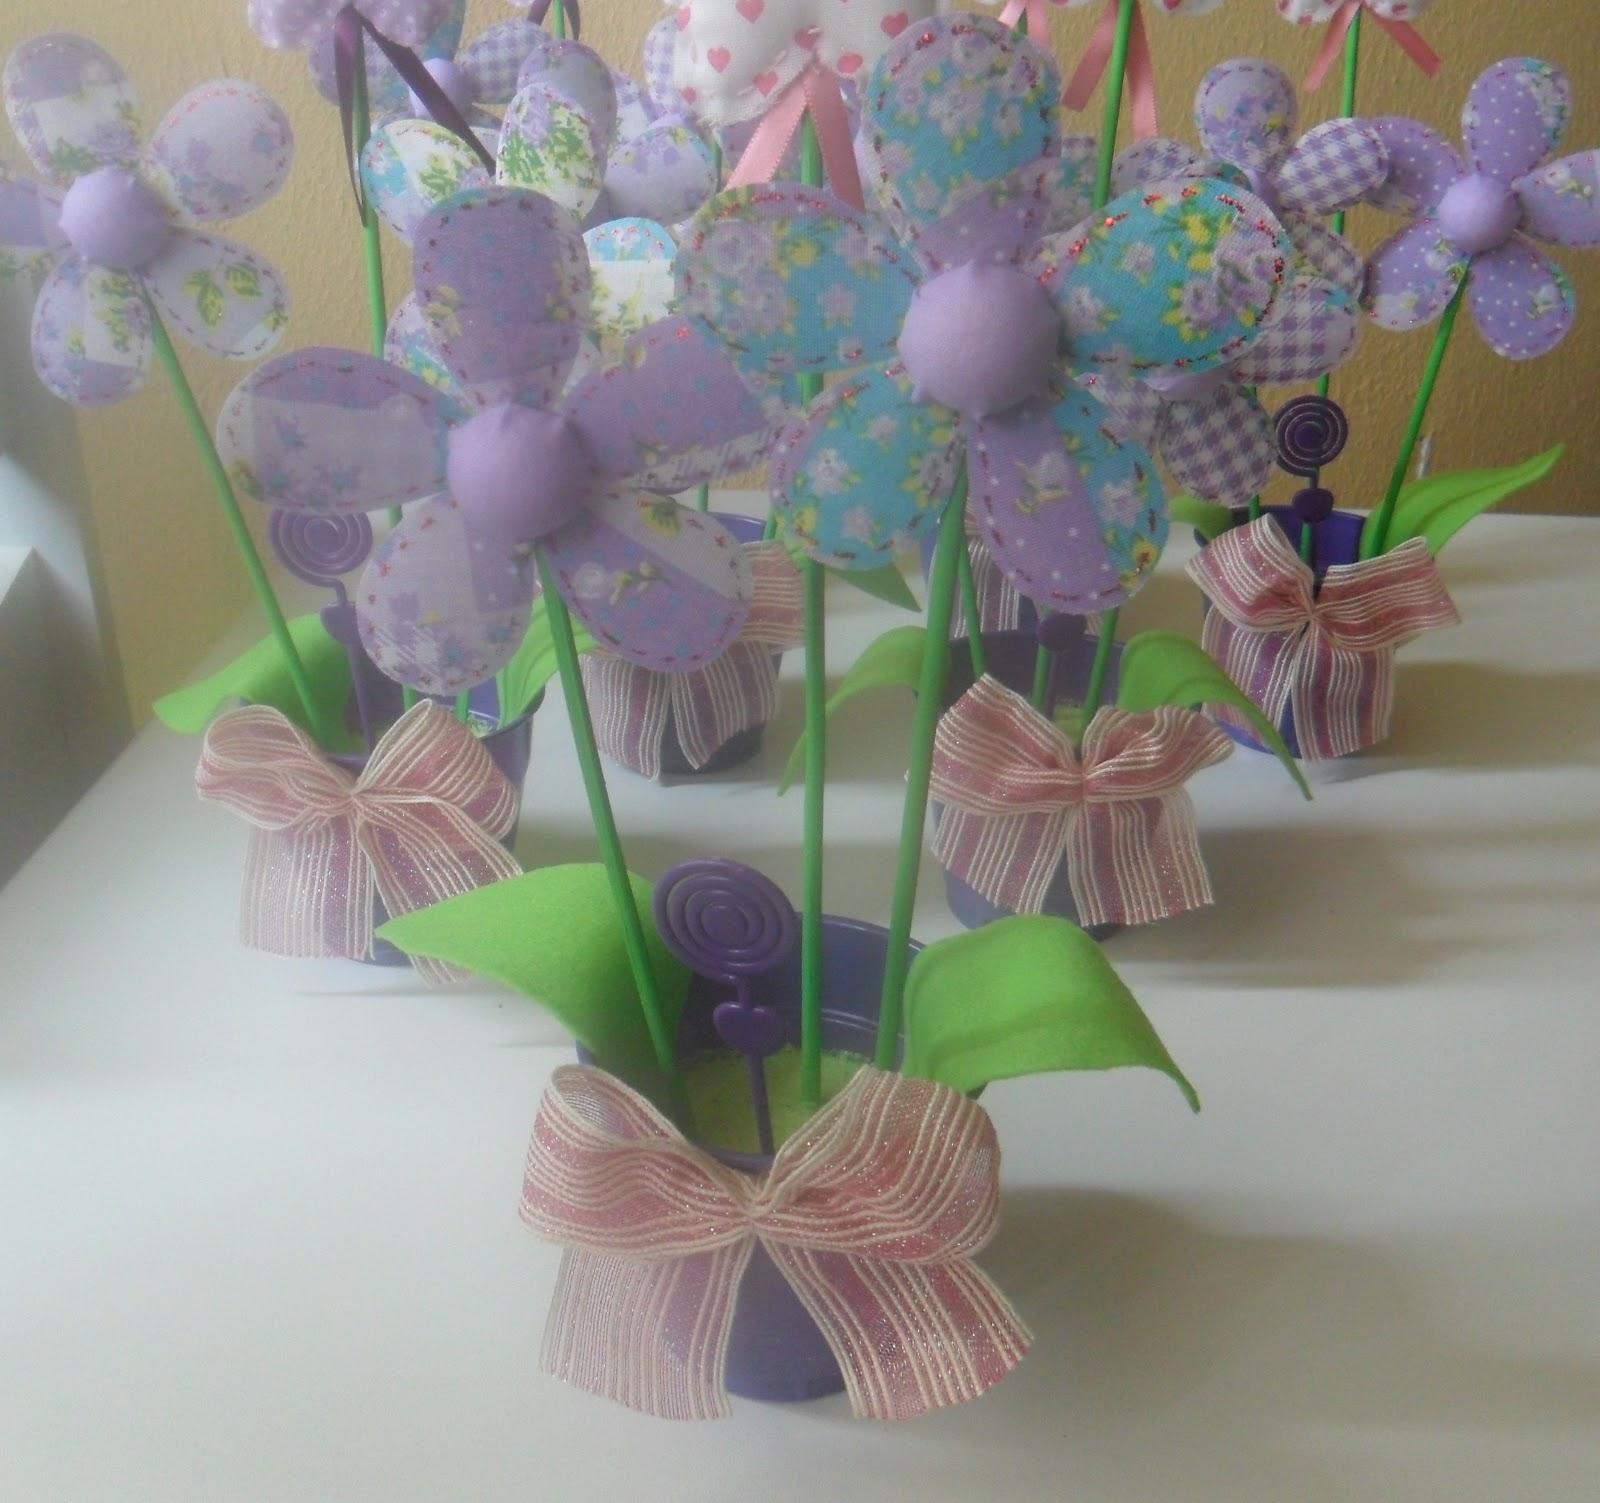 enfeite de mesa aniversario jardim encantado:ArteLary: Enfeites/Lembrancinhas de mesa tema Jardim Encantado